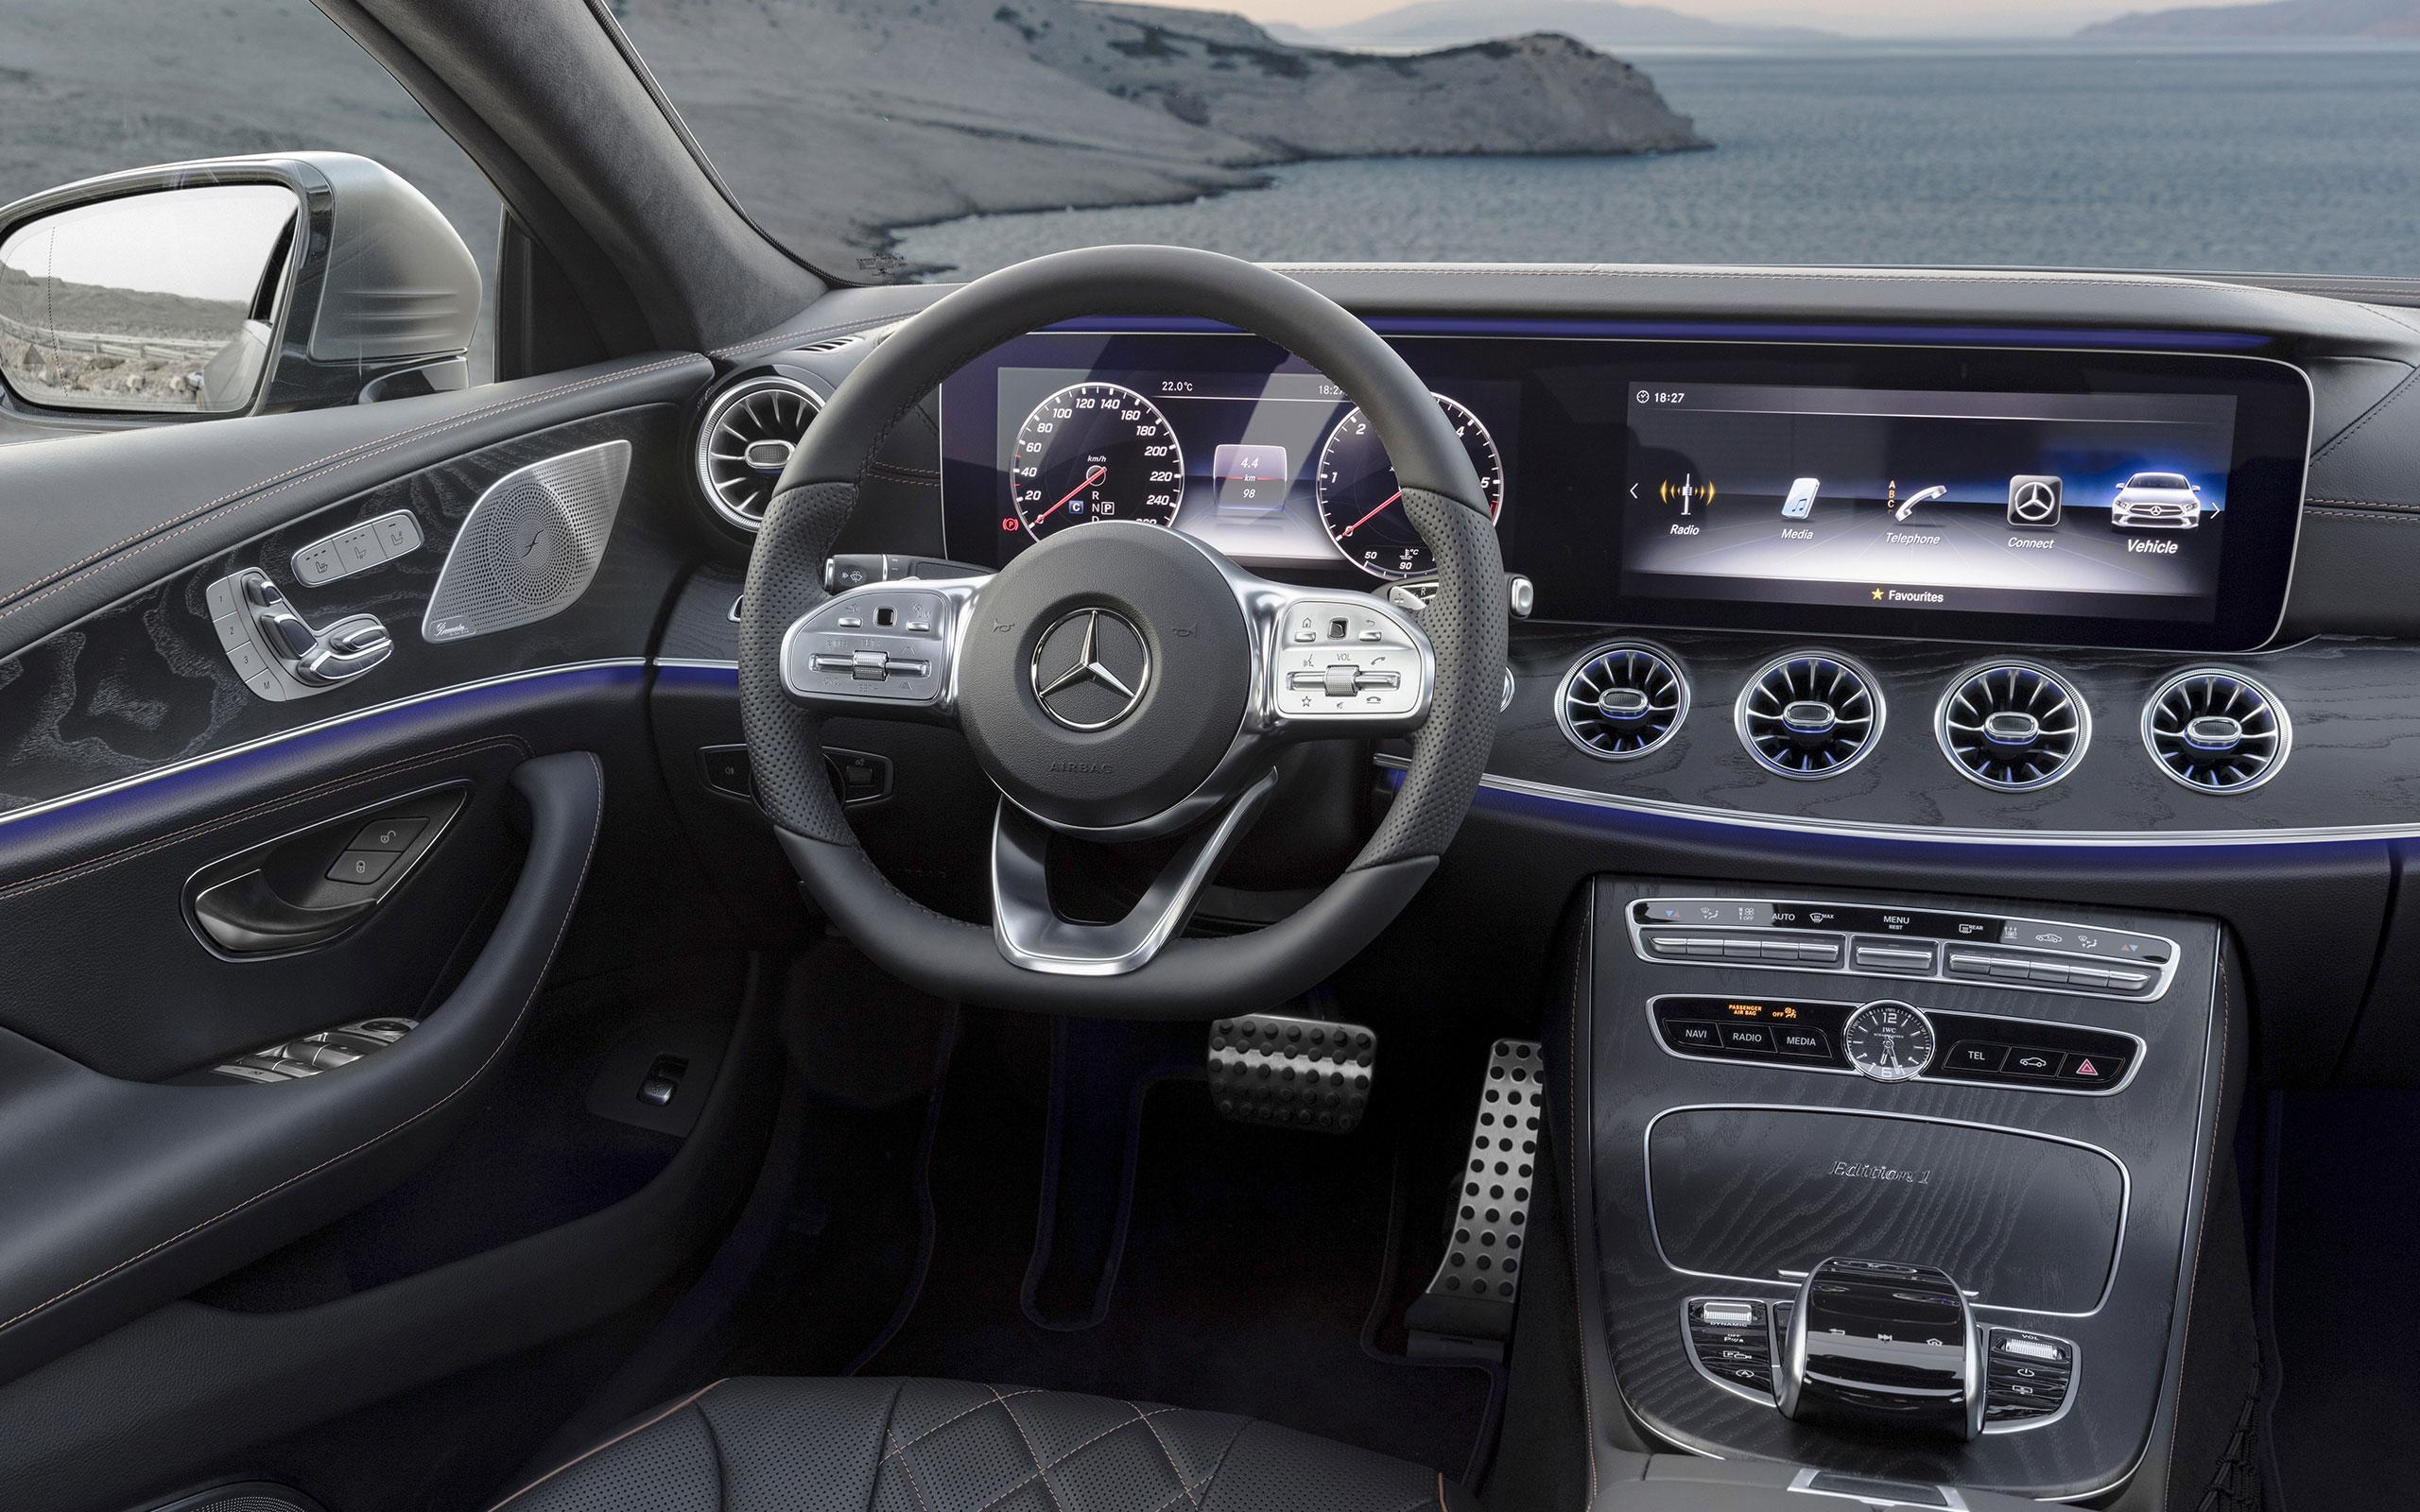 Mercedes Benz 2019 Mercedes Benz   Home of C, E, S, CLS, CL, SLK, SL, R, GLK, M, GL  Mercedes Benz 2019